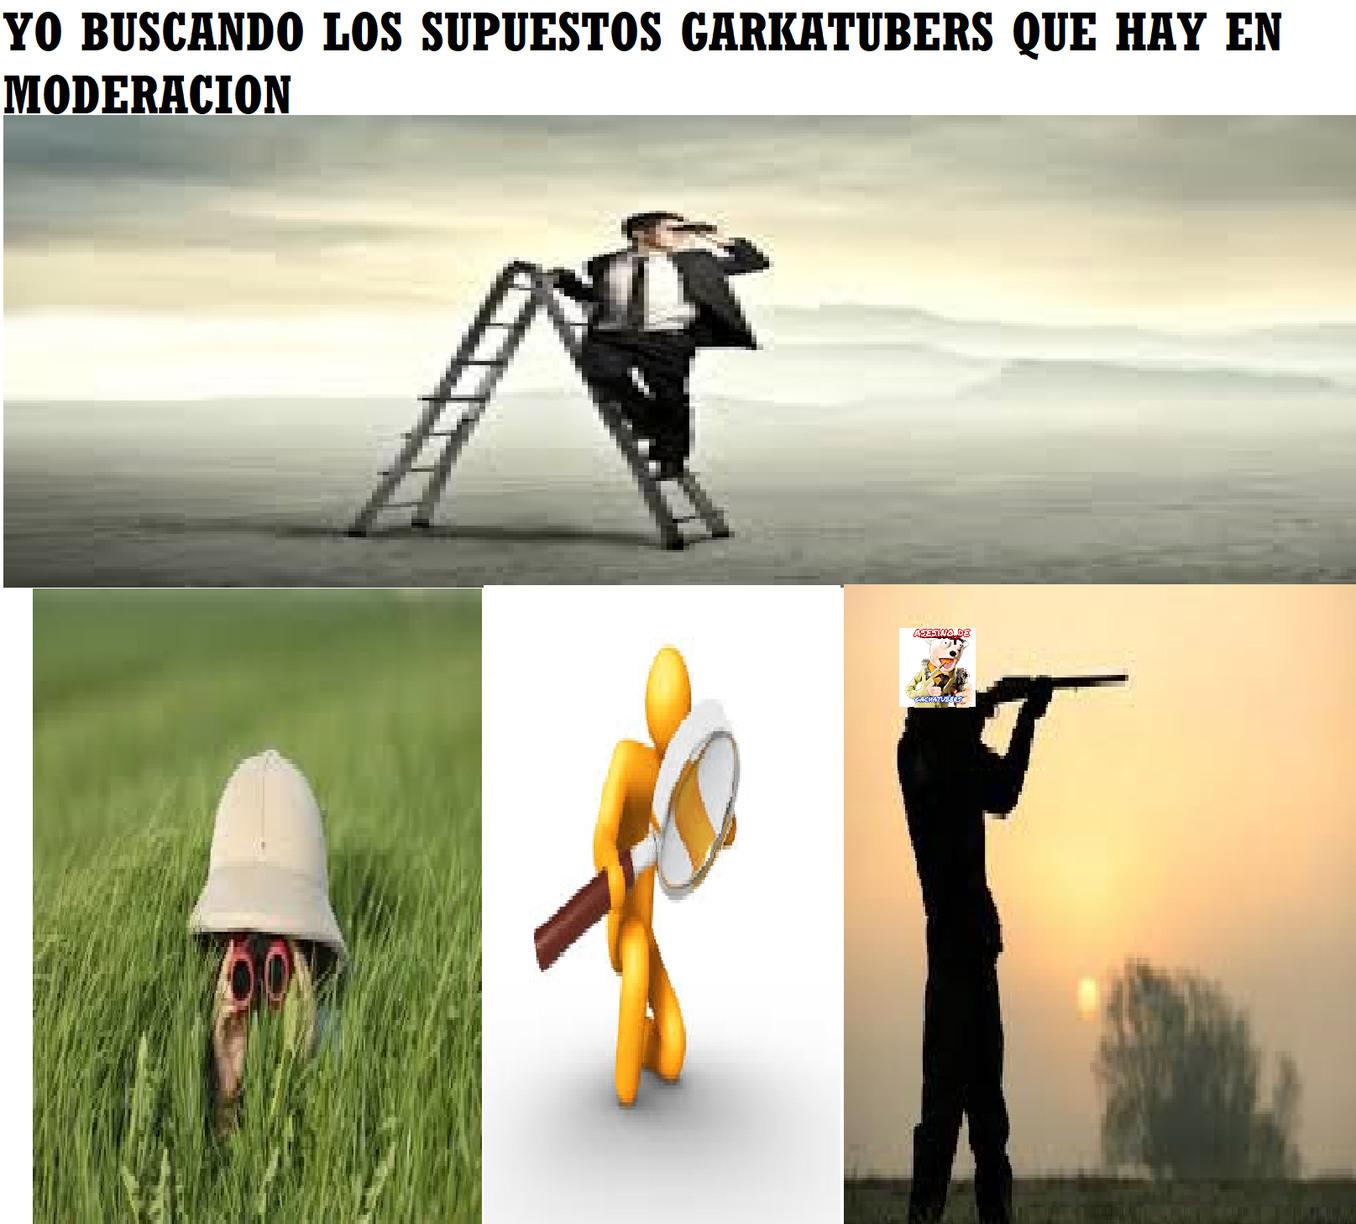 NO HAY GACHATUBERS QUE CAZAR :( - meme